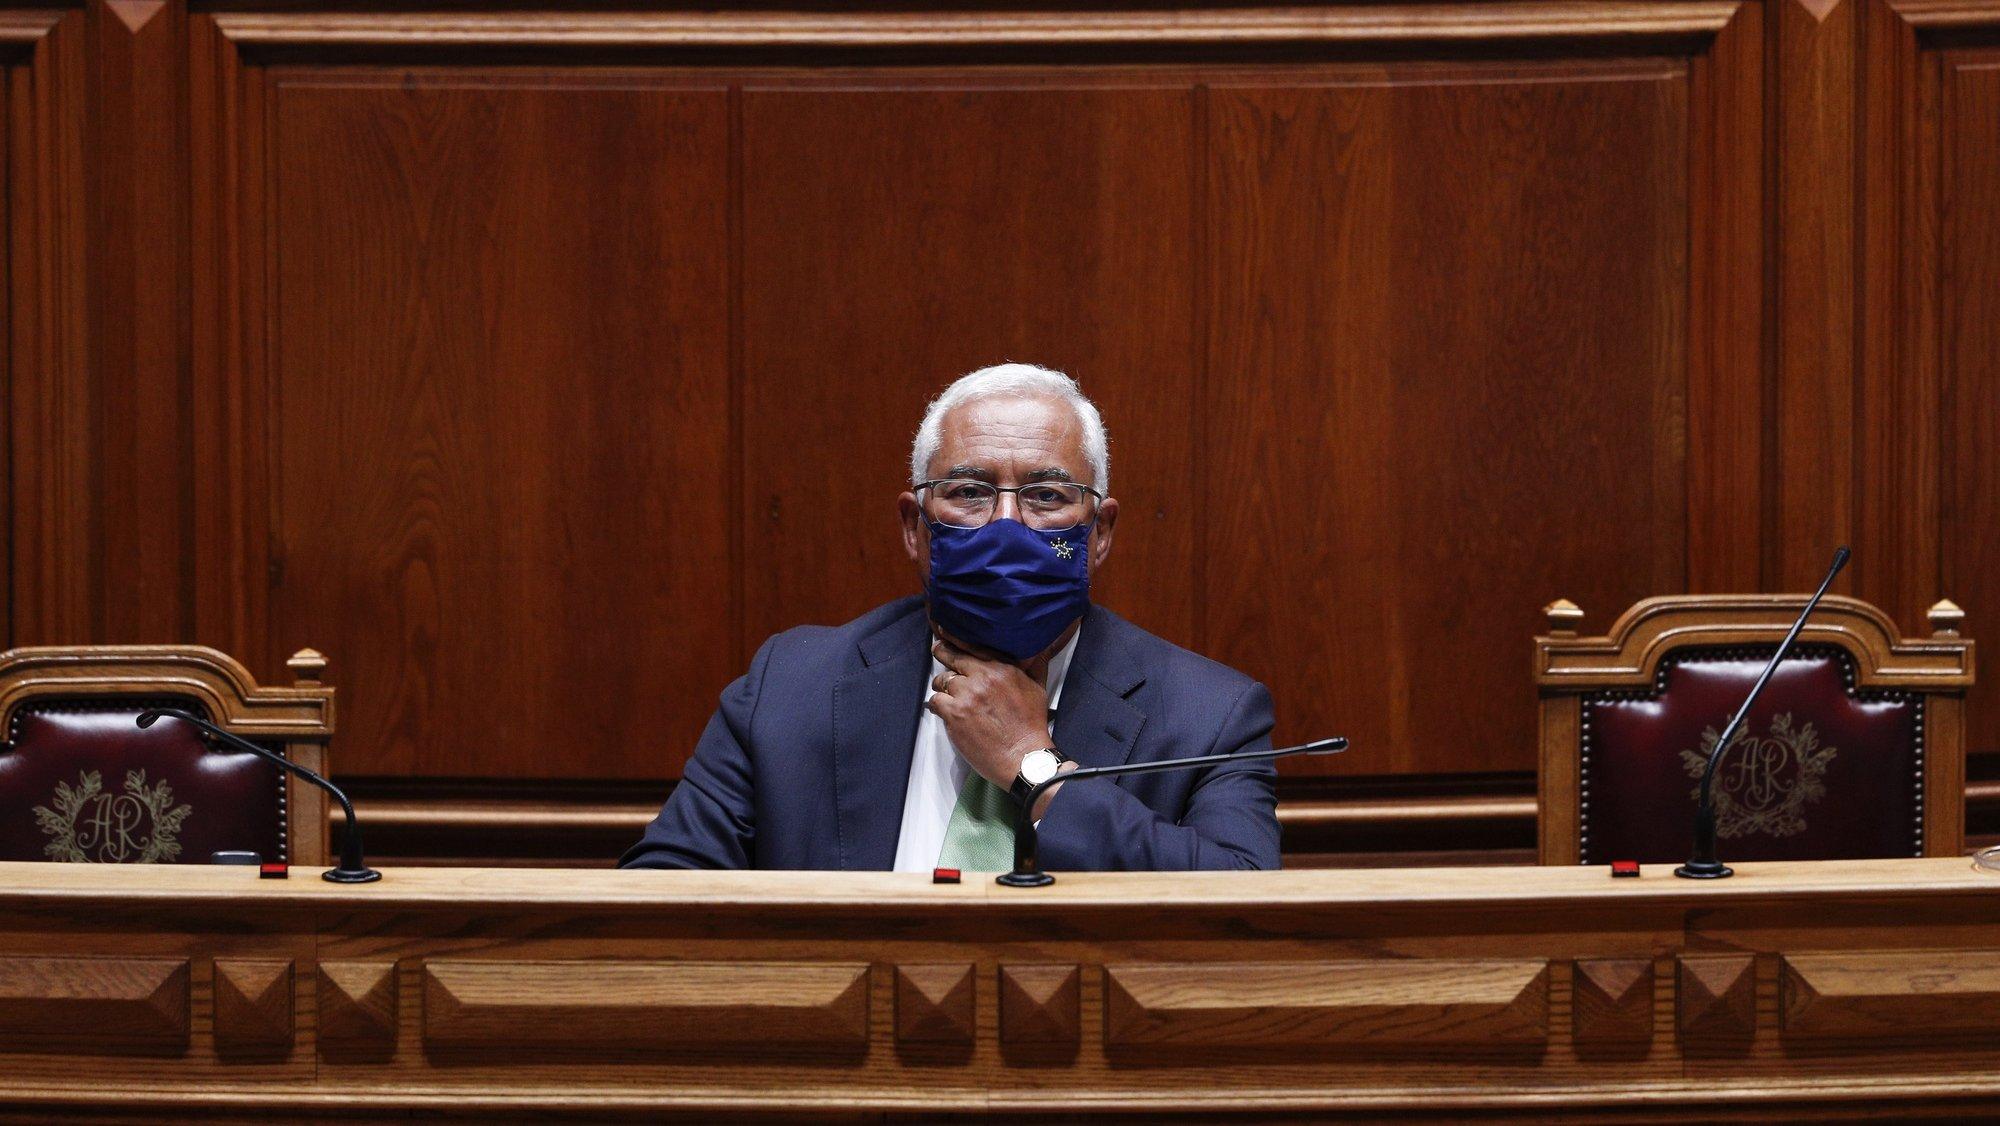 O primeiro-ministro, António Costa, durante o debate parlamentar sobre o estado da Nação, na Assembleia da República, em Lisboa, 21 de julho de 2021. ANTÓNIO COTRIM/LUSA